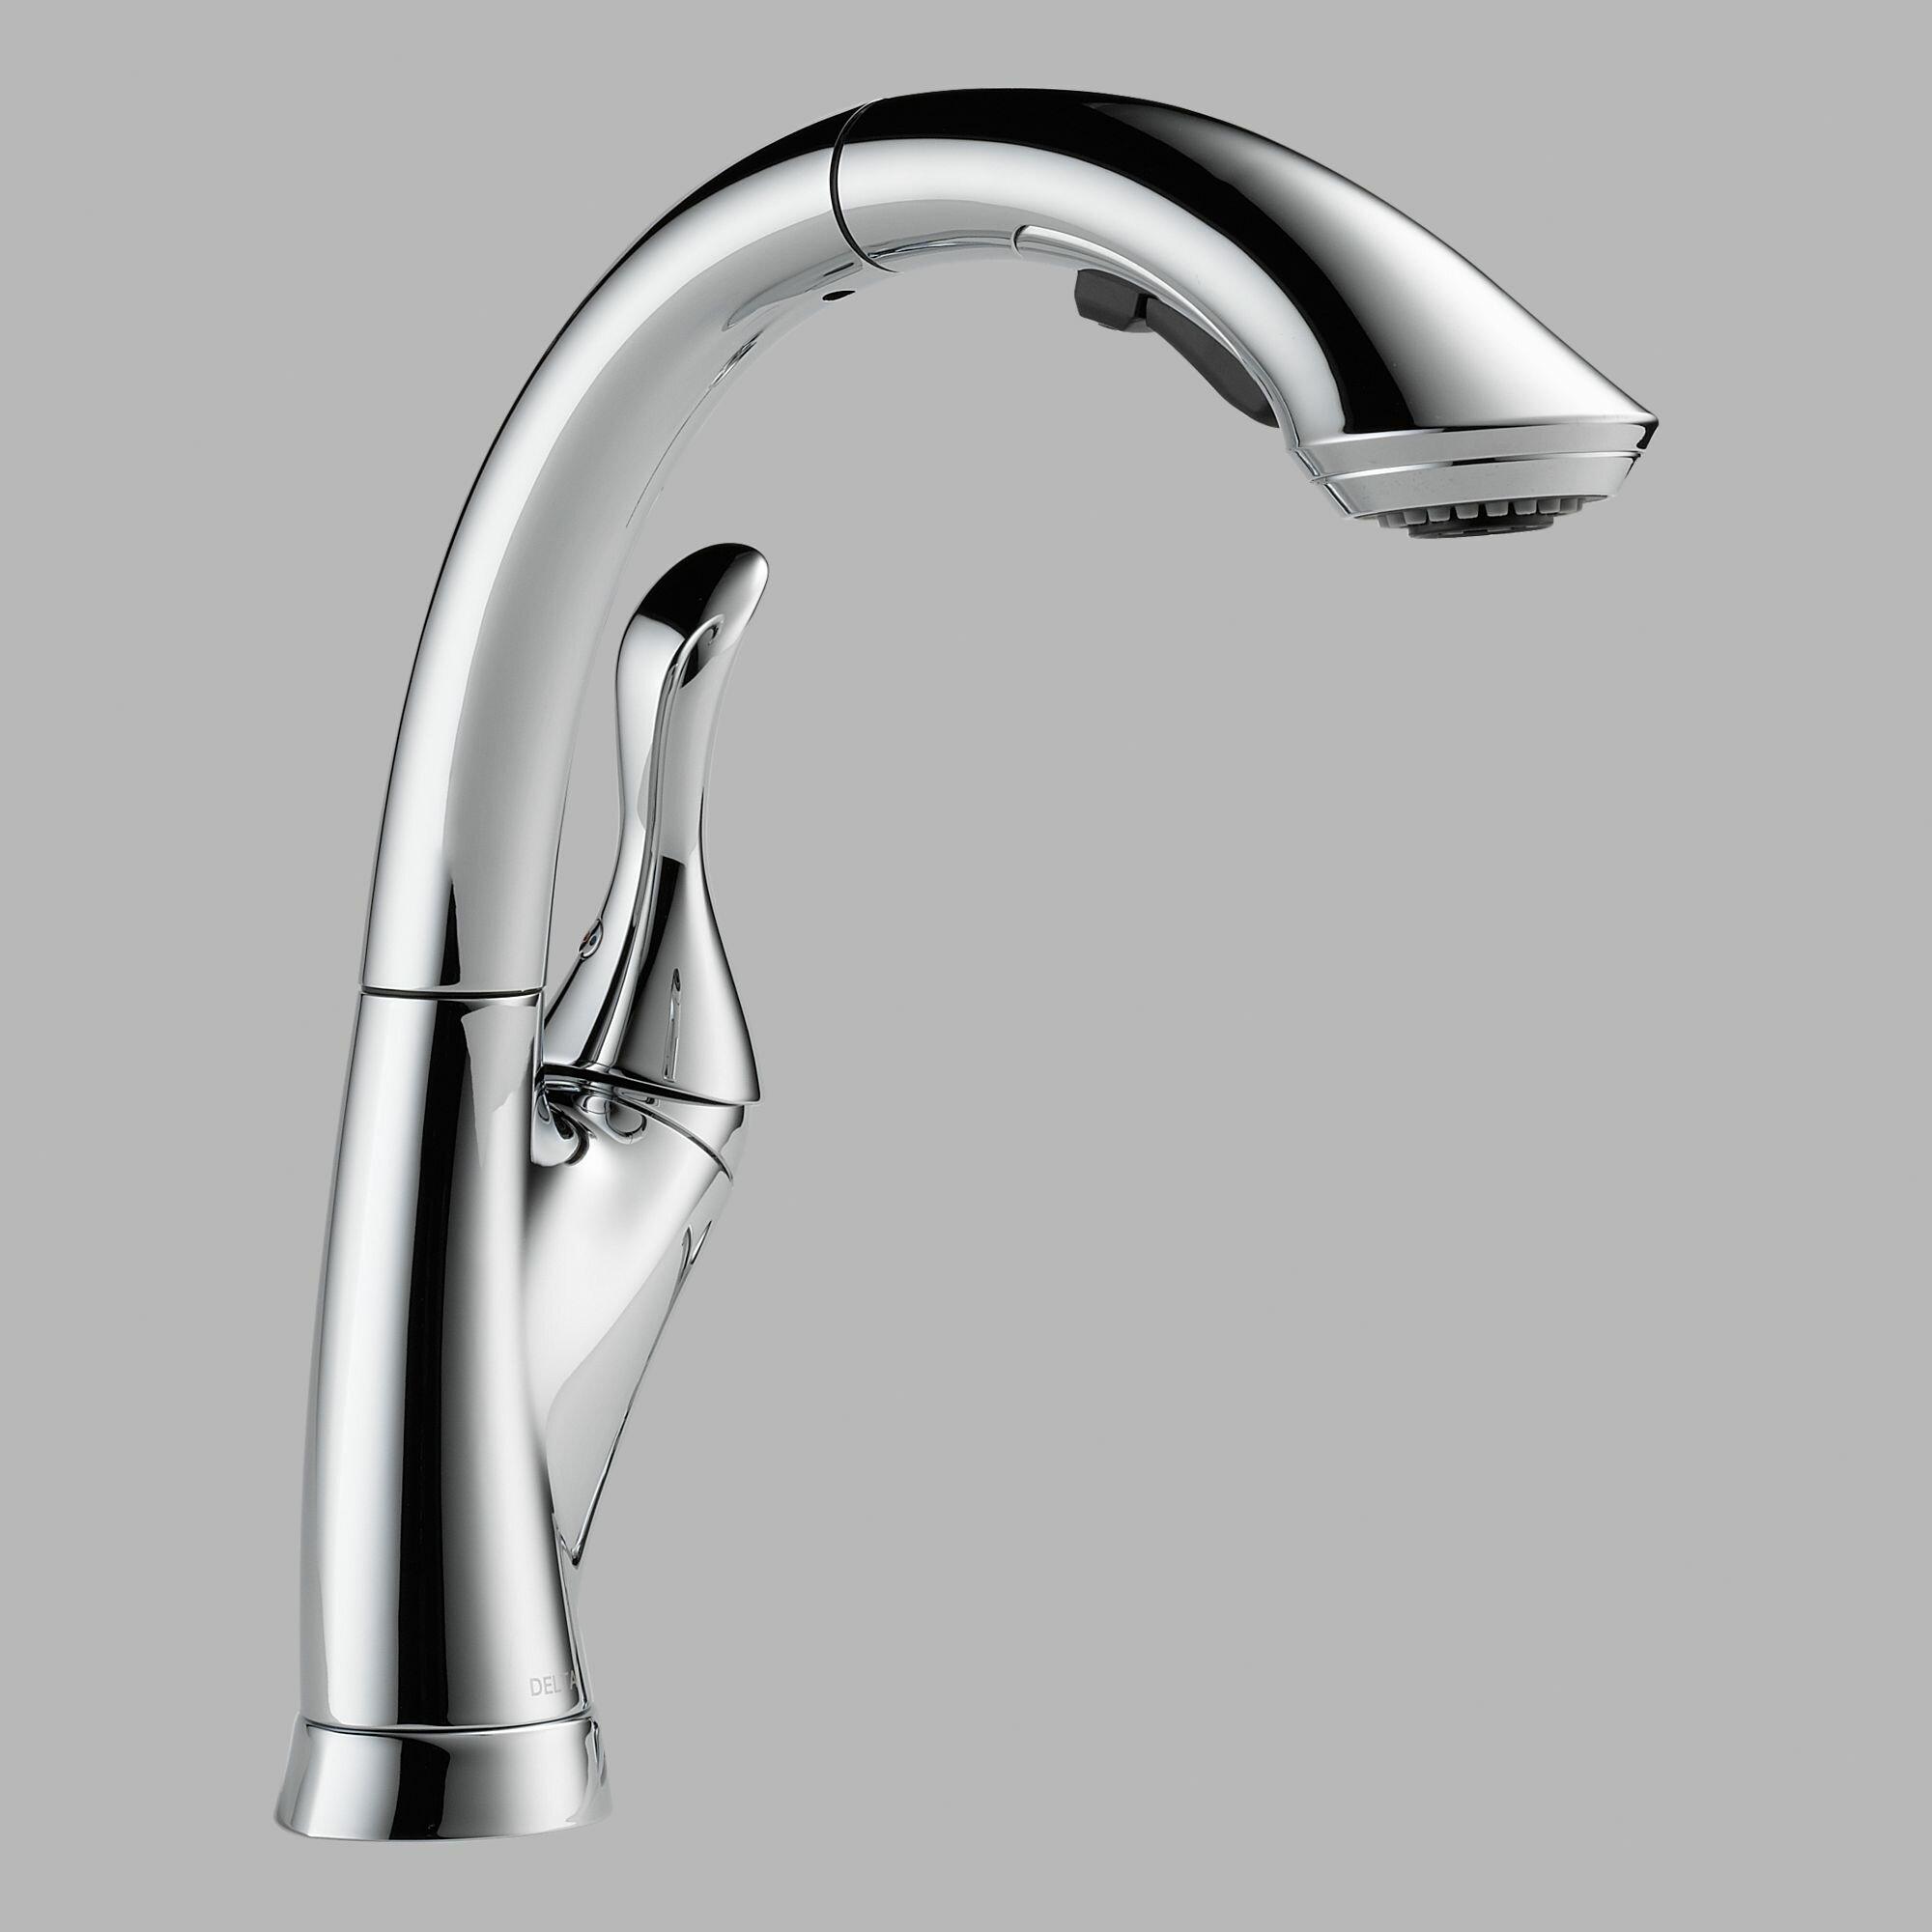 Linden single handle kitchen faucet